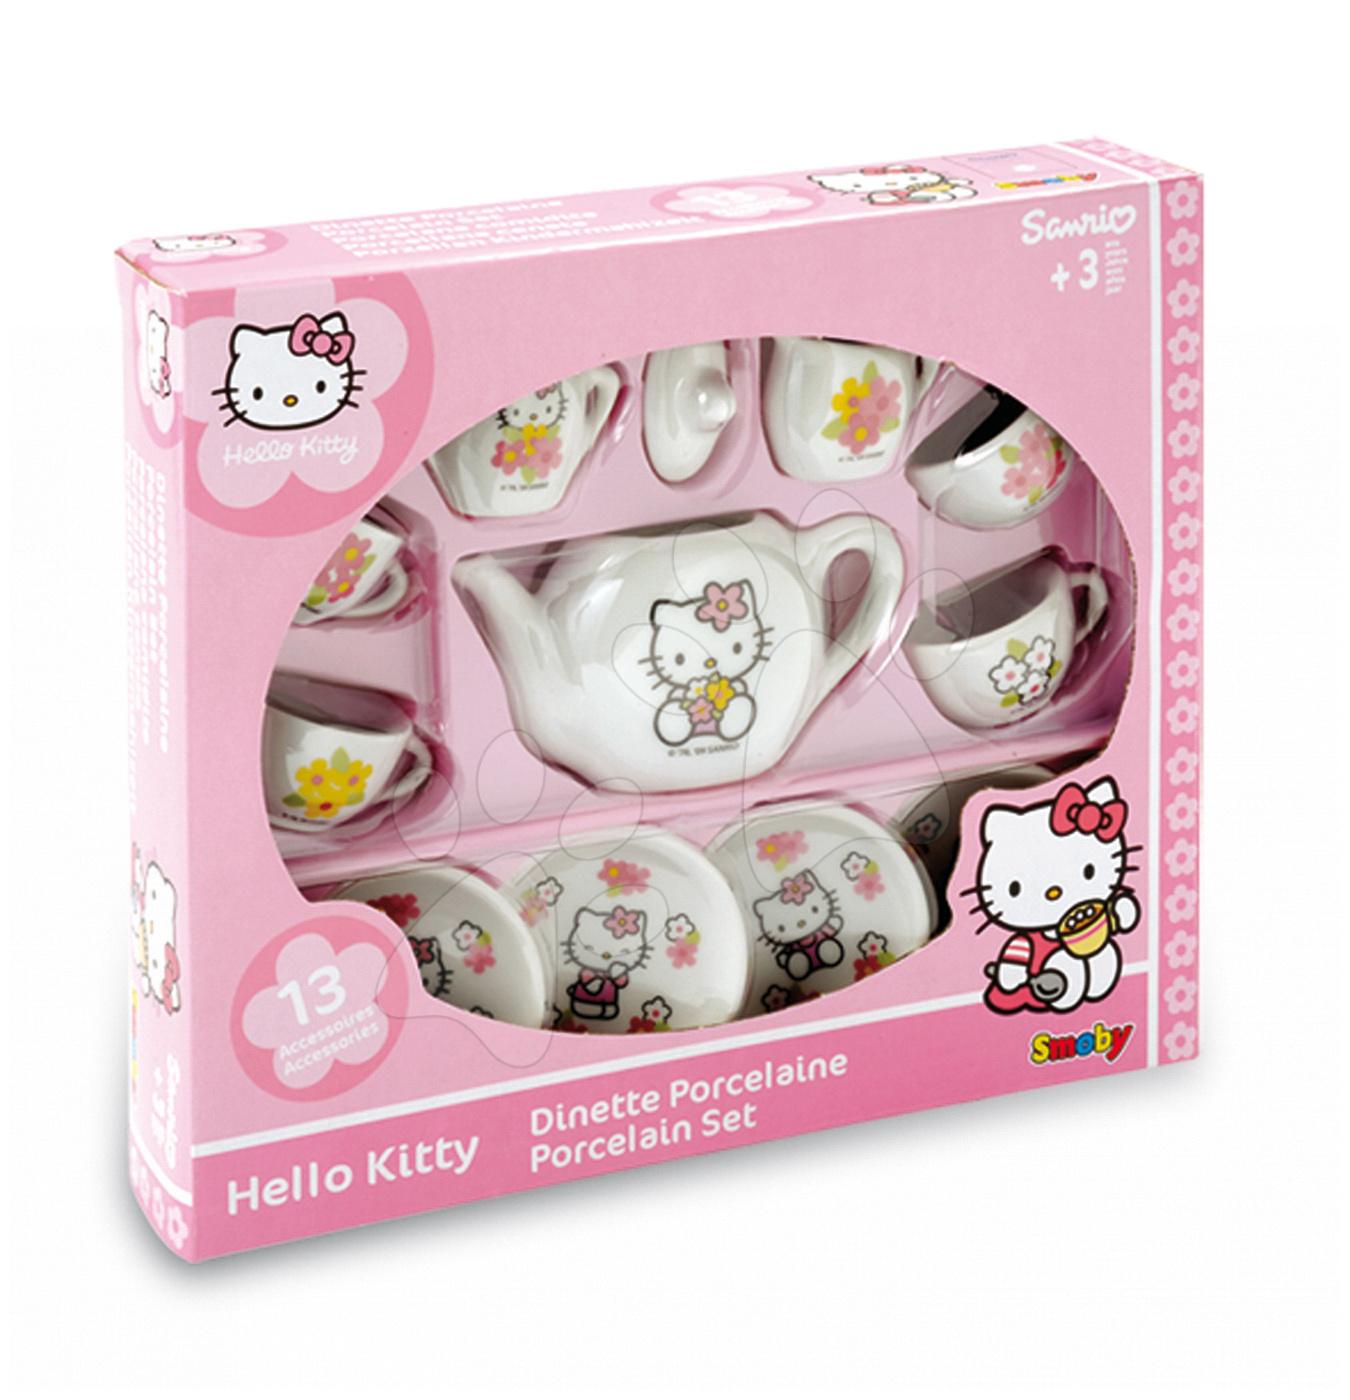 Set de ceai Hello Kitty Smoby din porțelan cu 13 accesorii